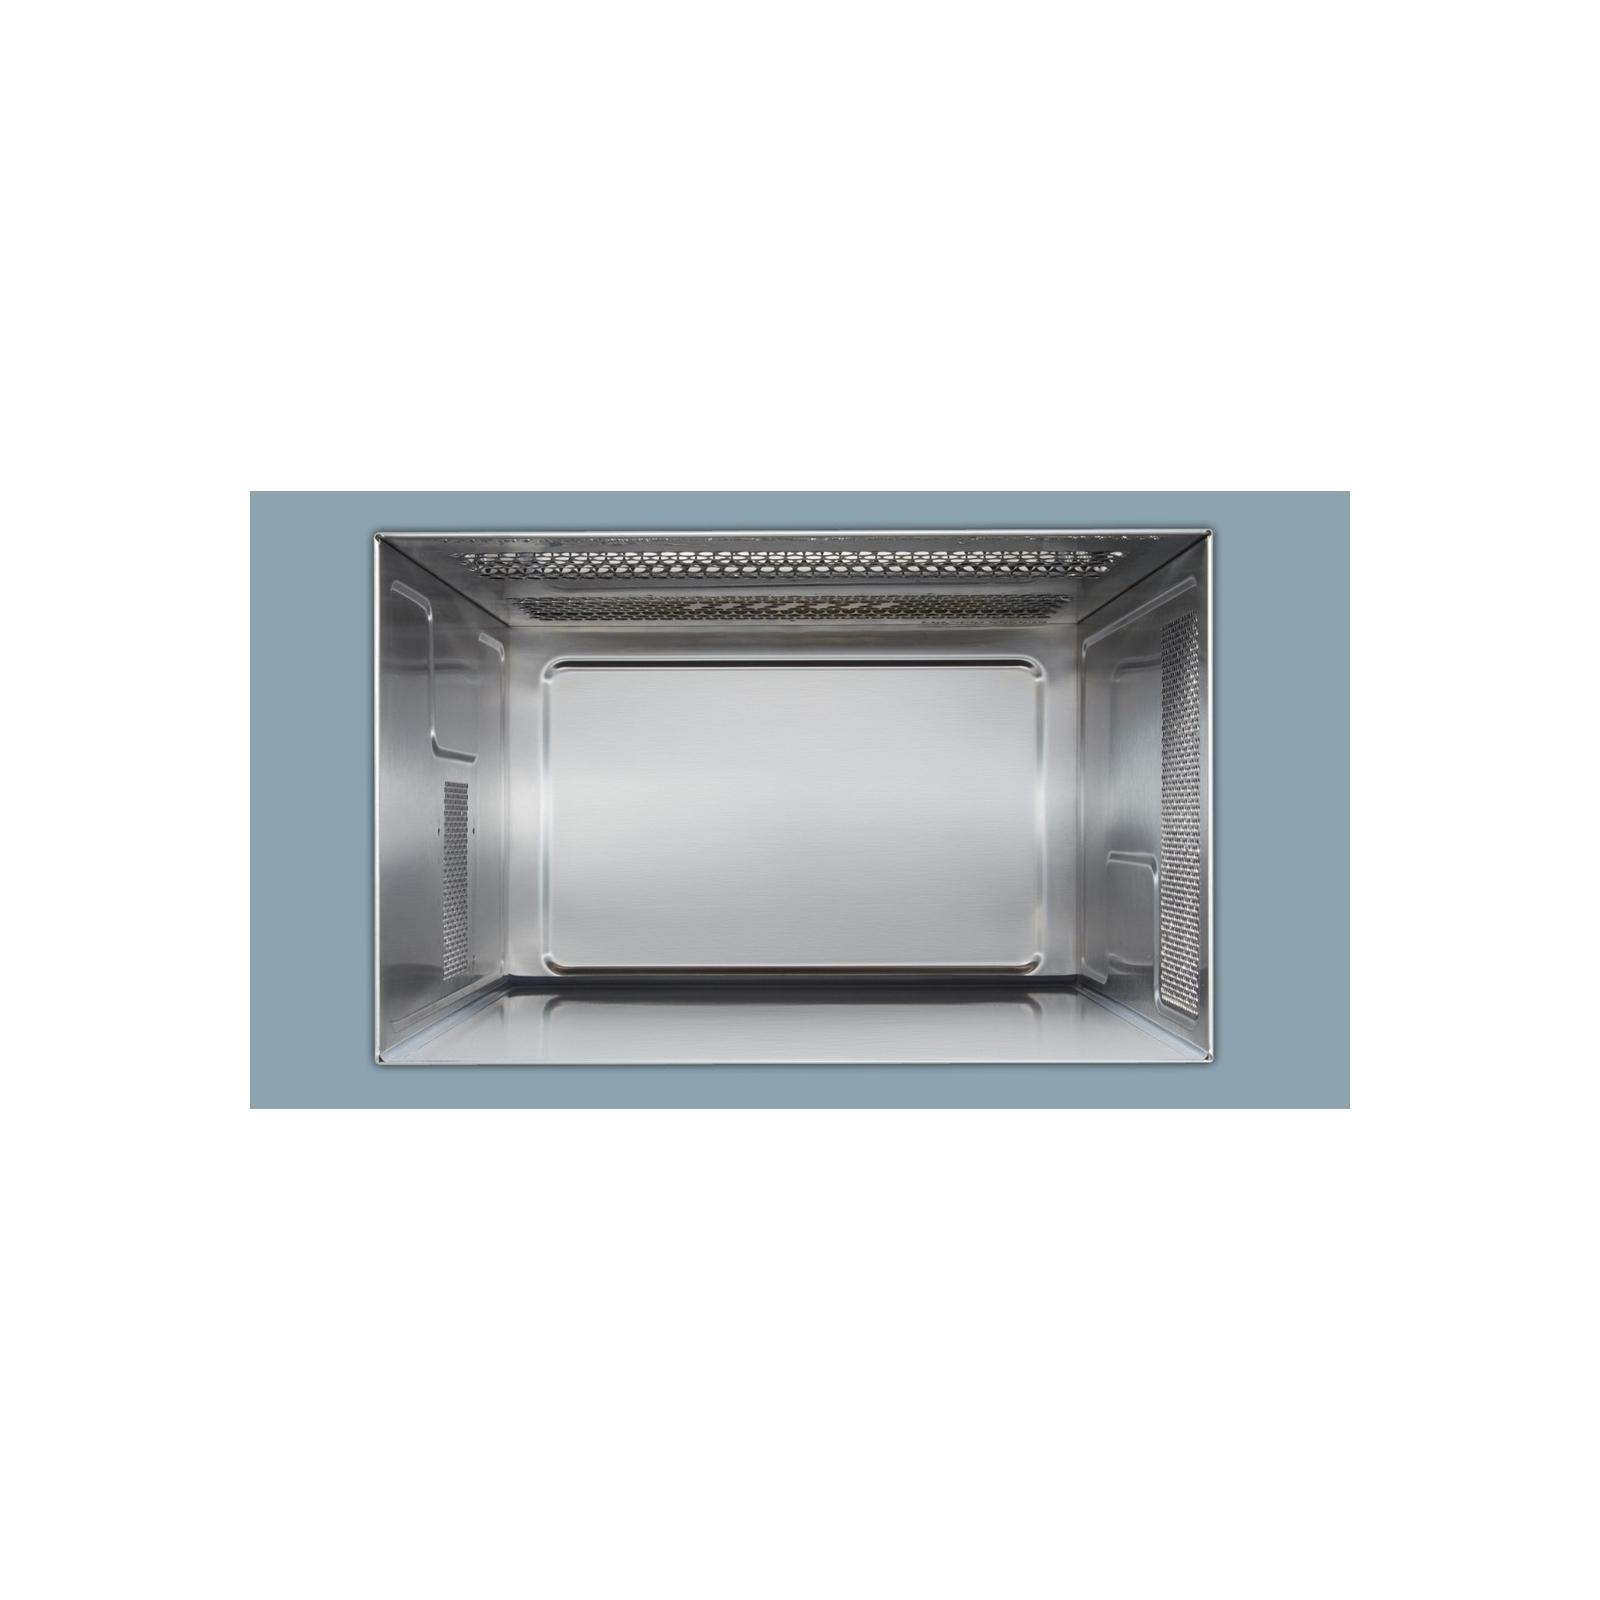 Микроволновая печь BOSCH BFR 634 GW1 (BFR634GW1) изображение 4